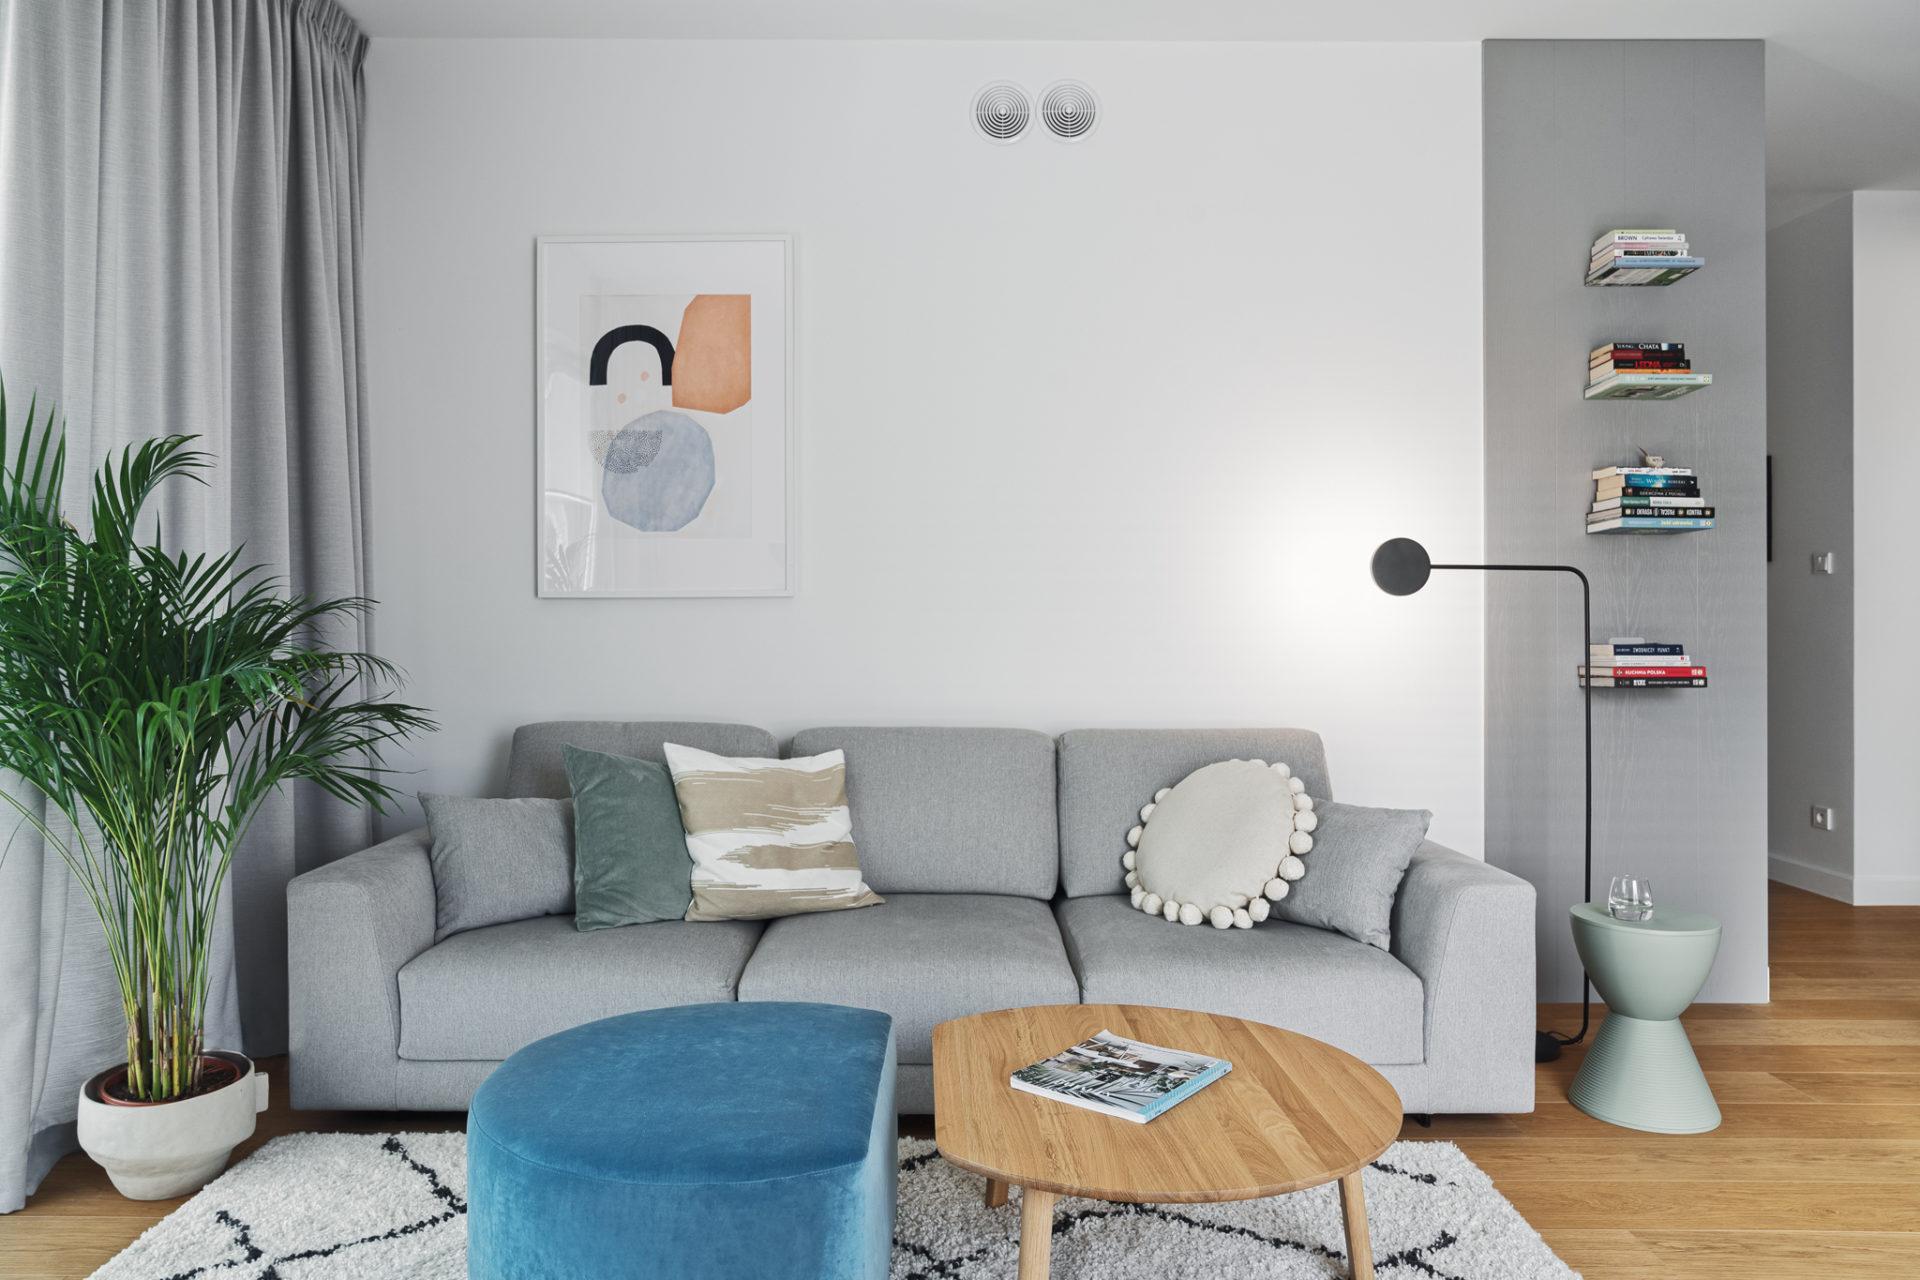 Apartament w Gdyni 2020 - 02